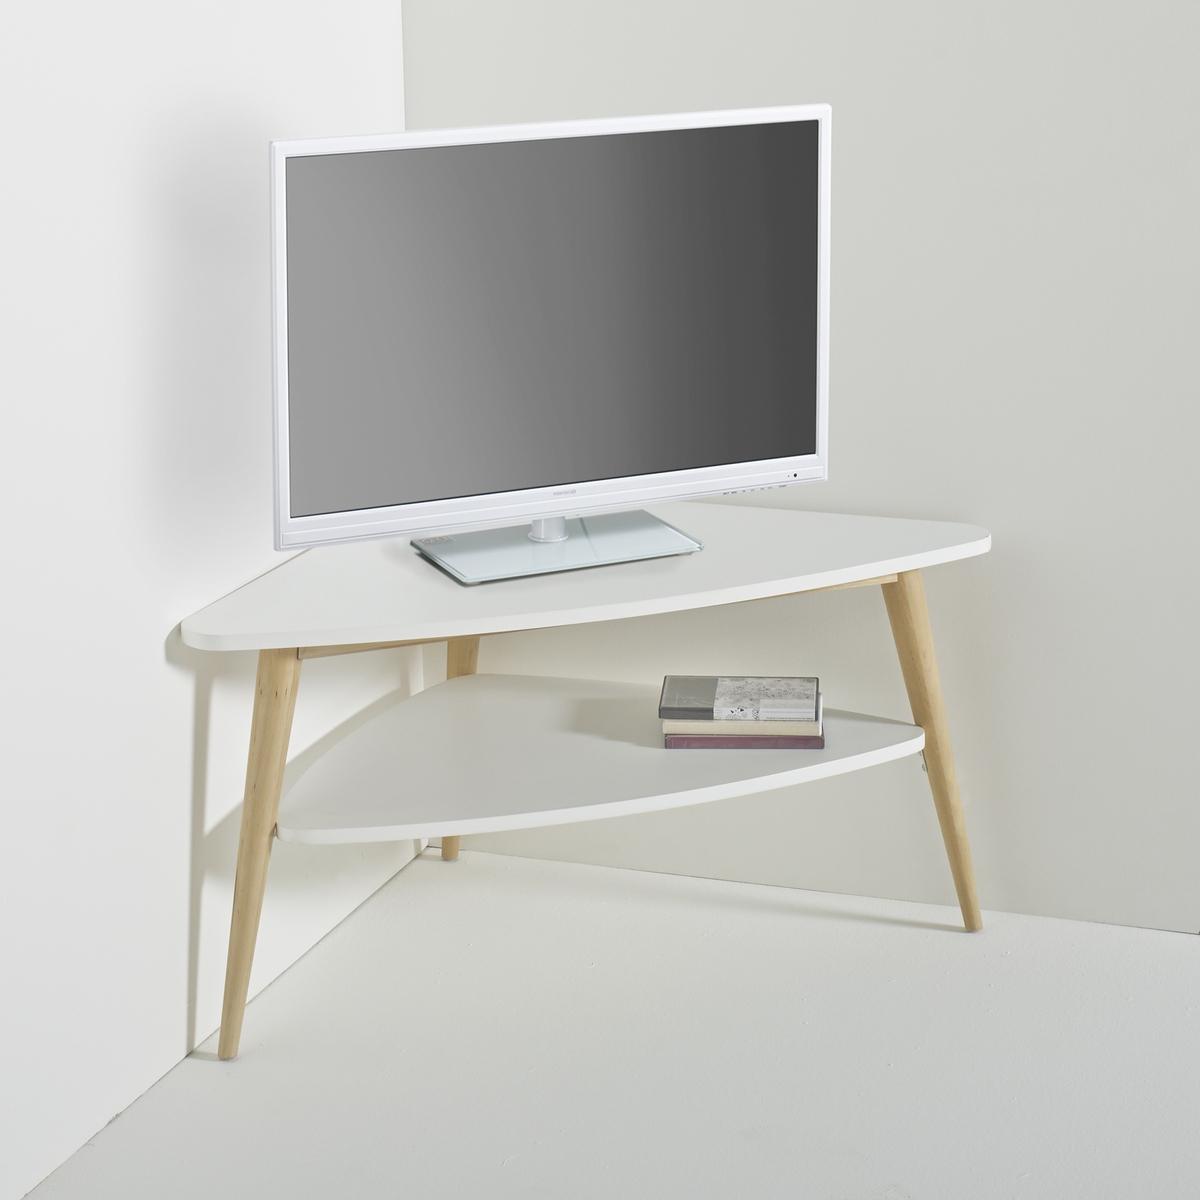 Тумба под телевизор в винтажном стиле с двумя полками Jimi столик прикроватный в винтажном стиле jimi